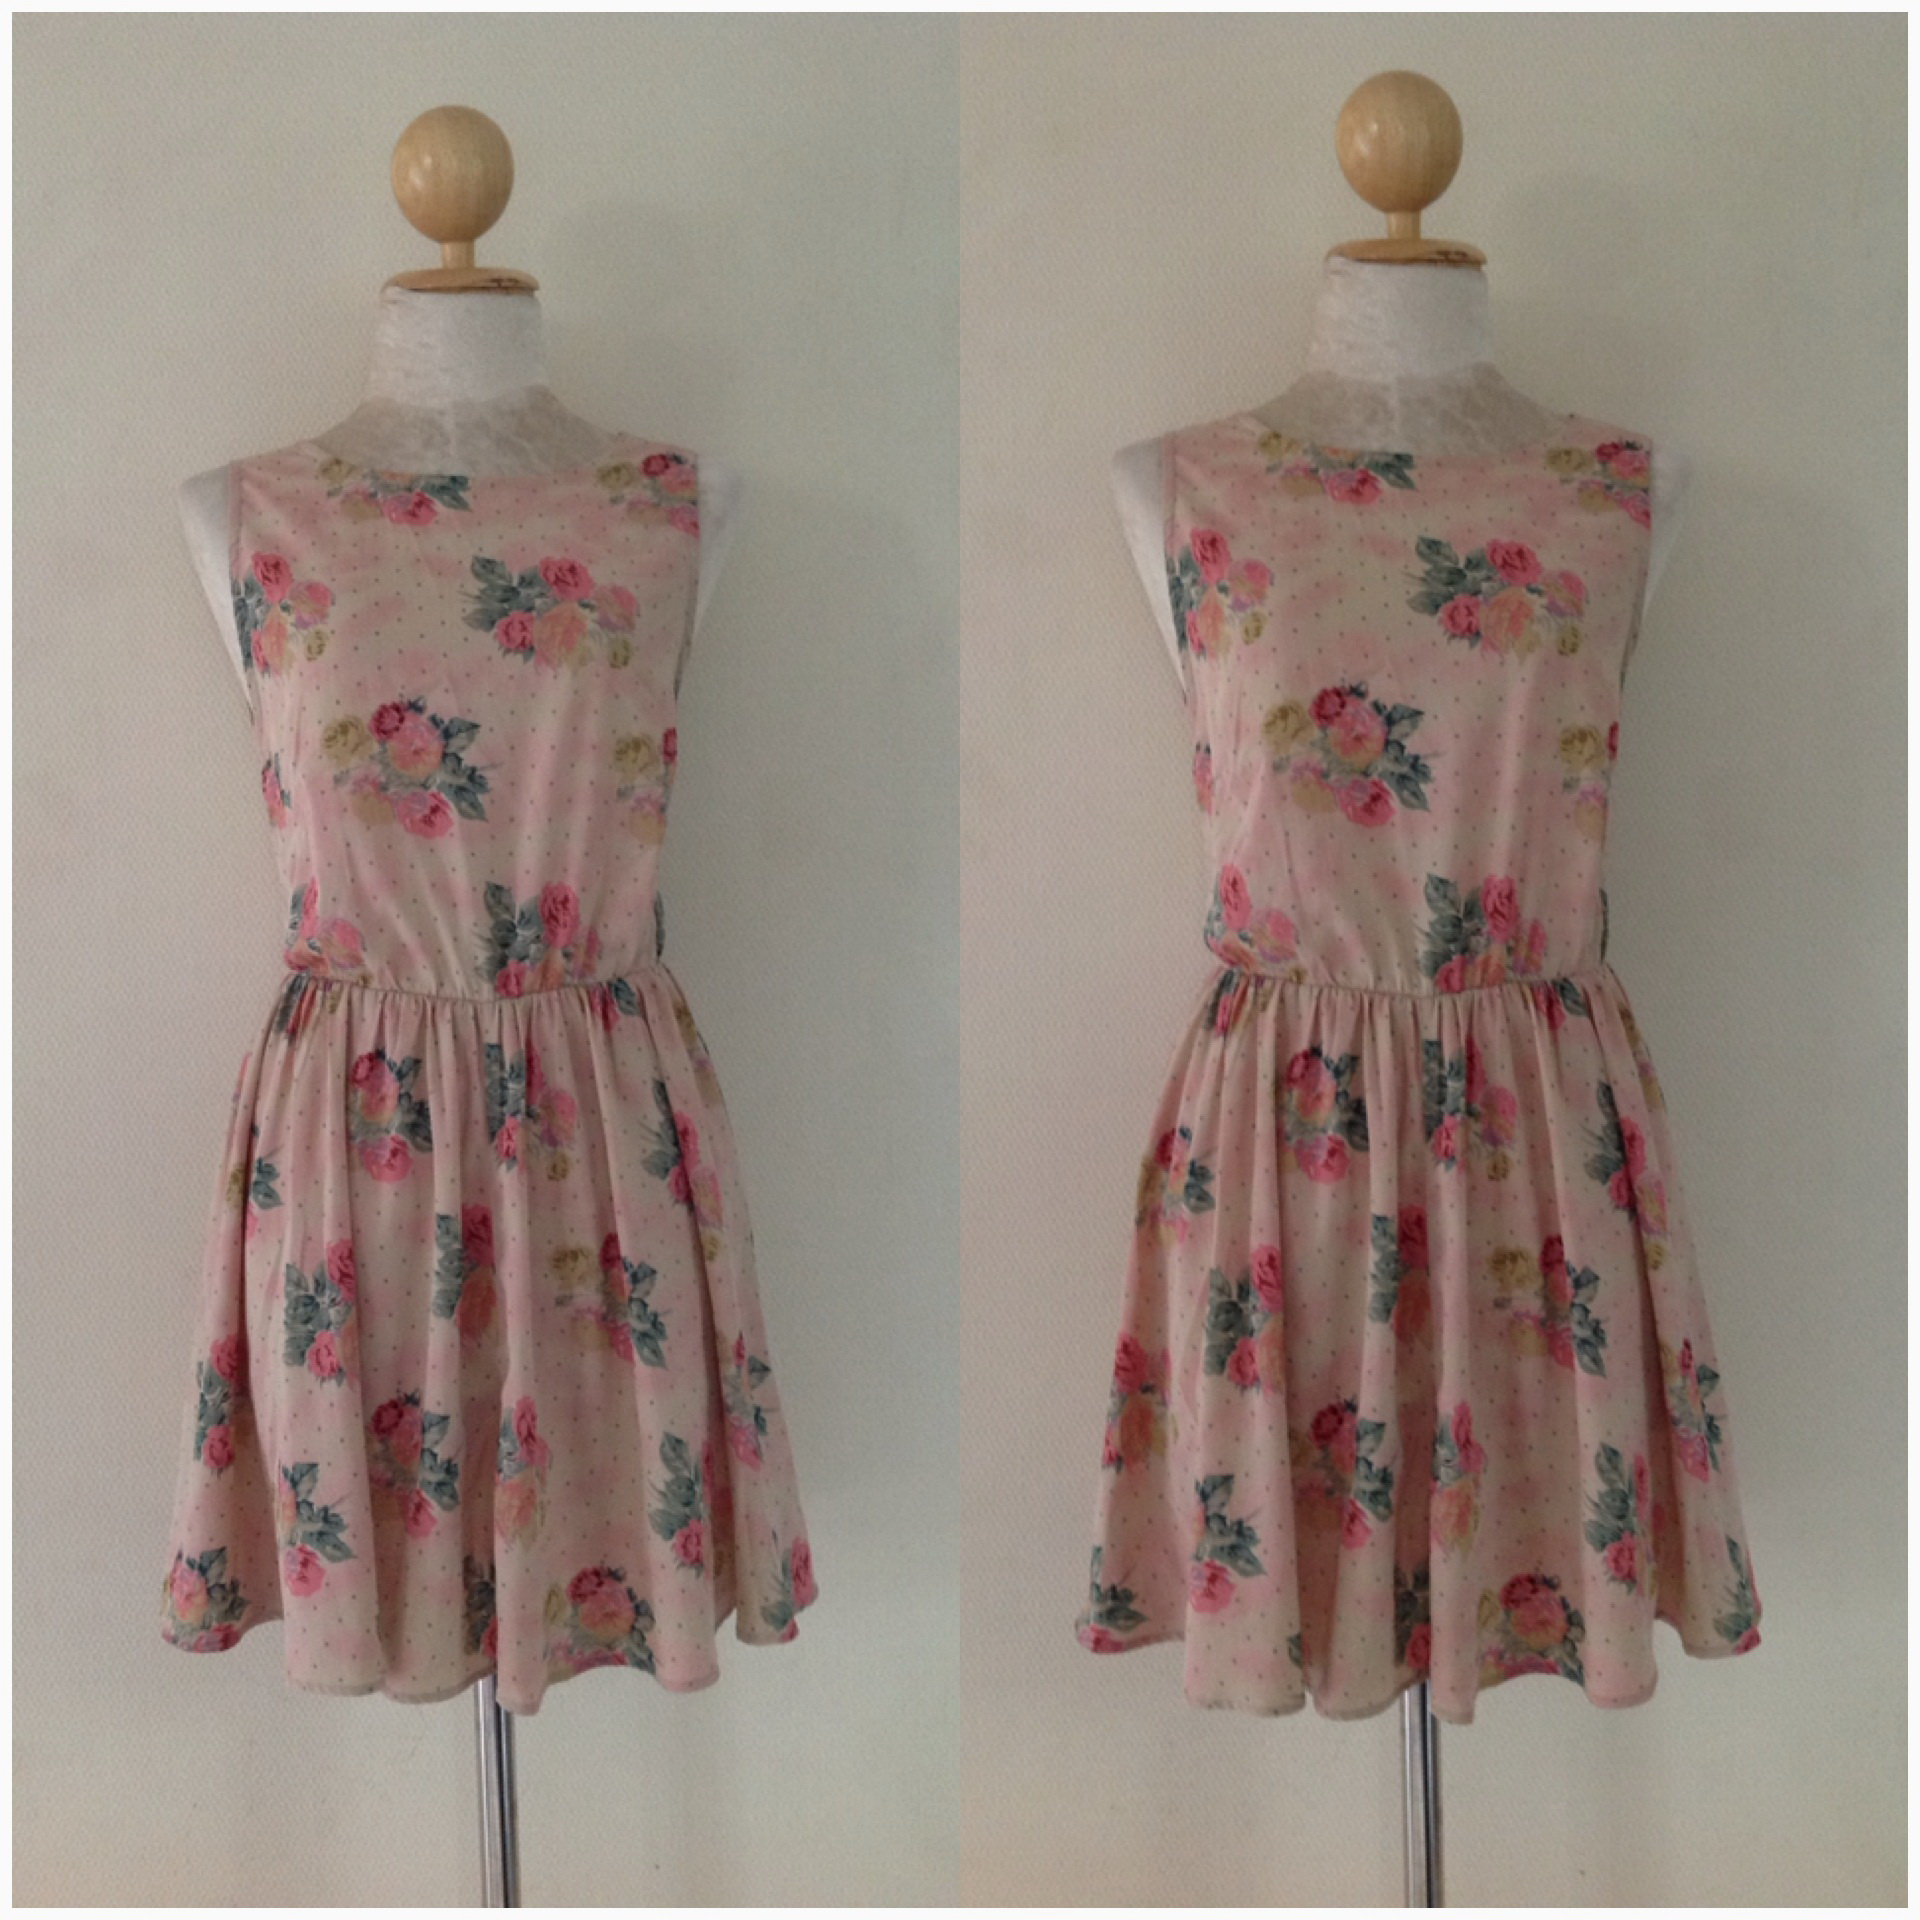 Topshop Floral Rose Dress